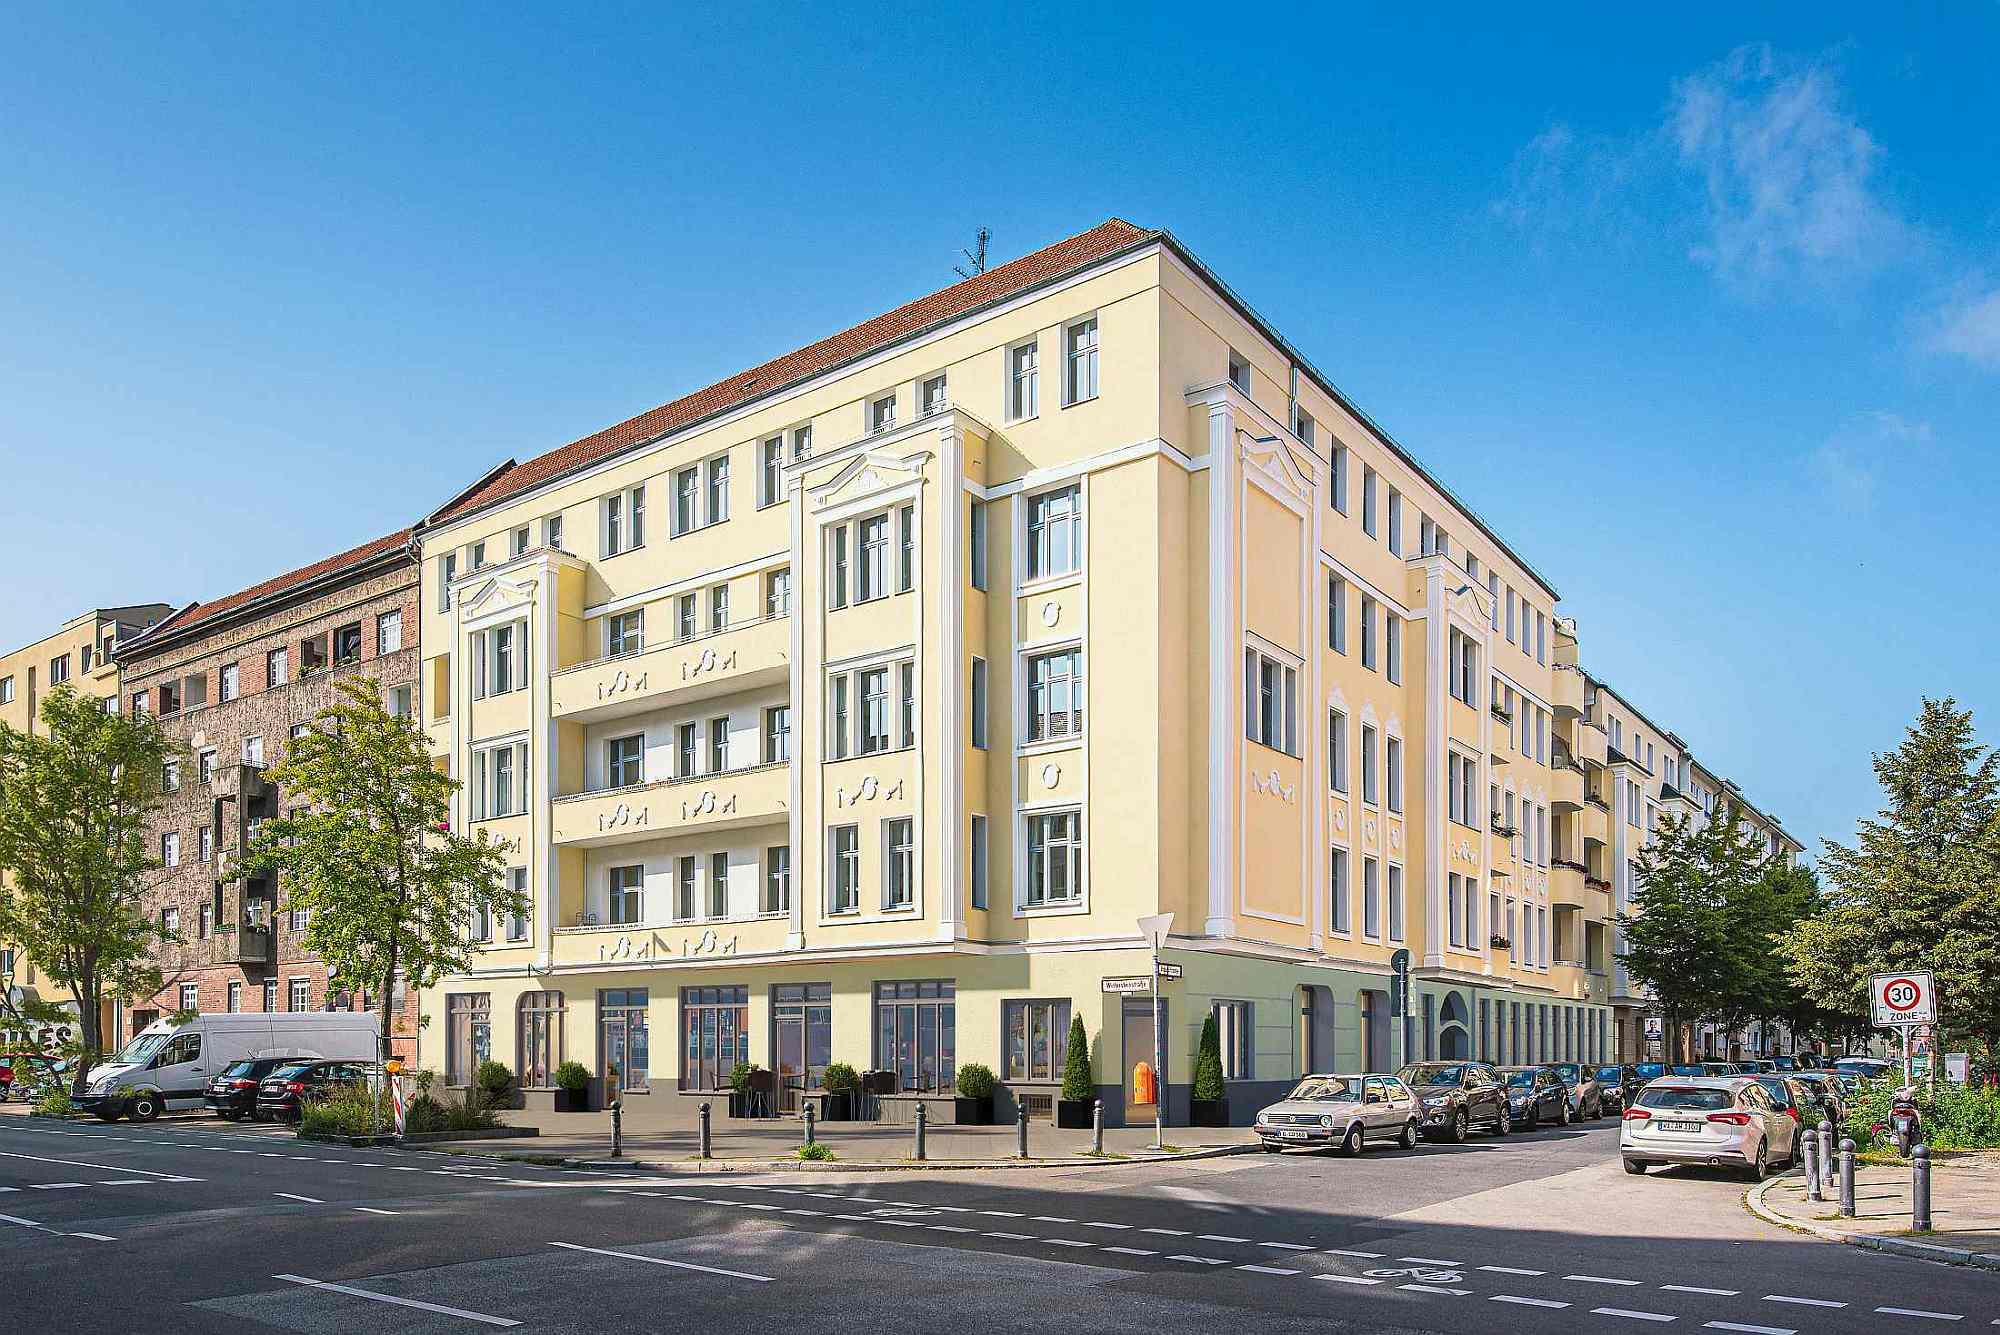 Starten Sie bereits vor der Fertigstellung der Baumaßnahmen den Immobilienverkauf! Mit einer Visualisierung welche ein Original Foto des Gebäudes mit einem Renderbild kombiniert